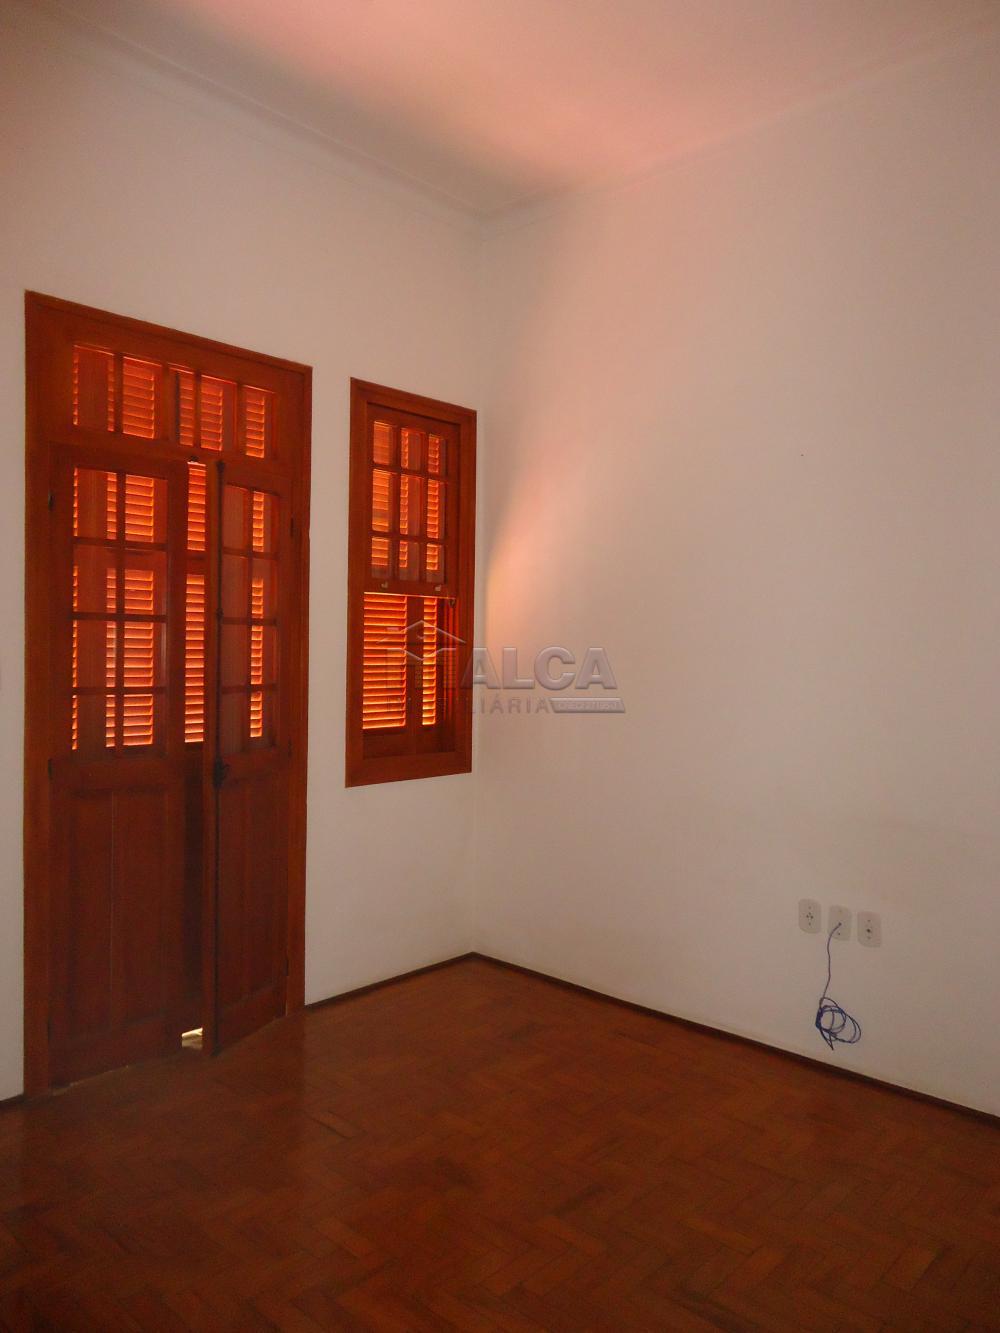 Alugar Casas / Padrão em São José do Rio Pardo R$ 1.700,00 - Foto 18